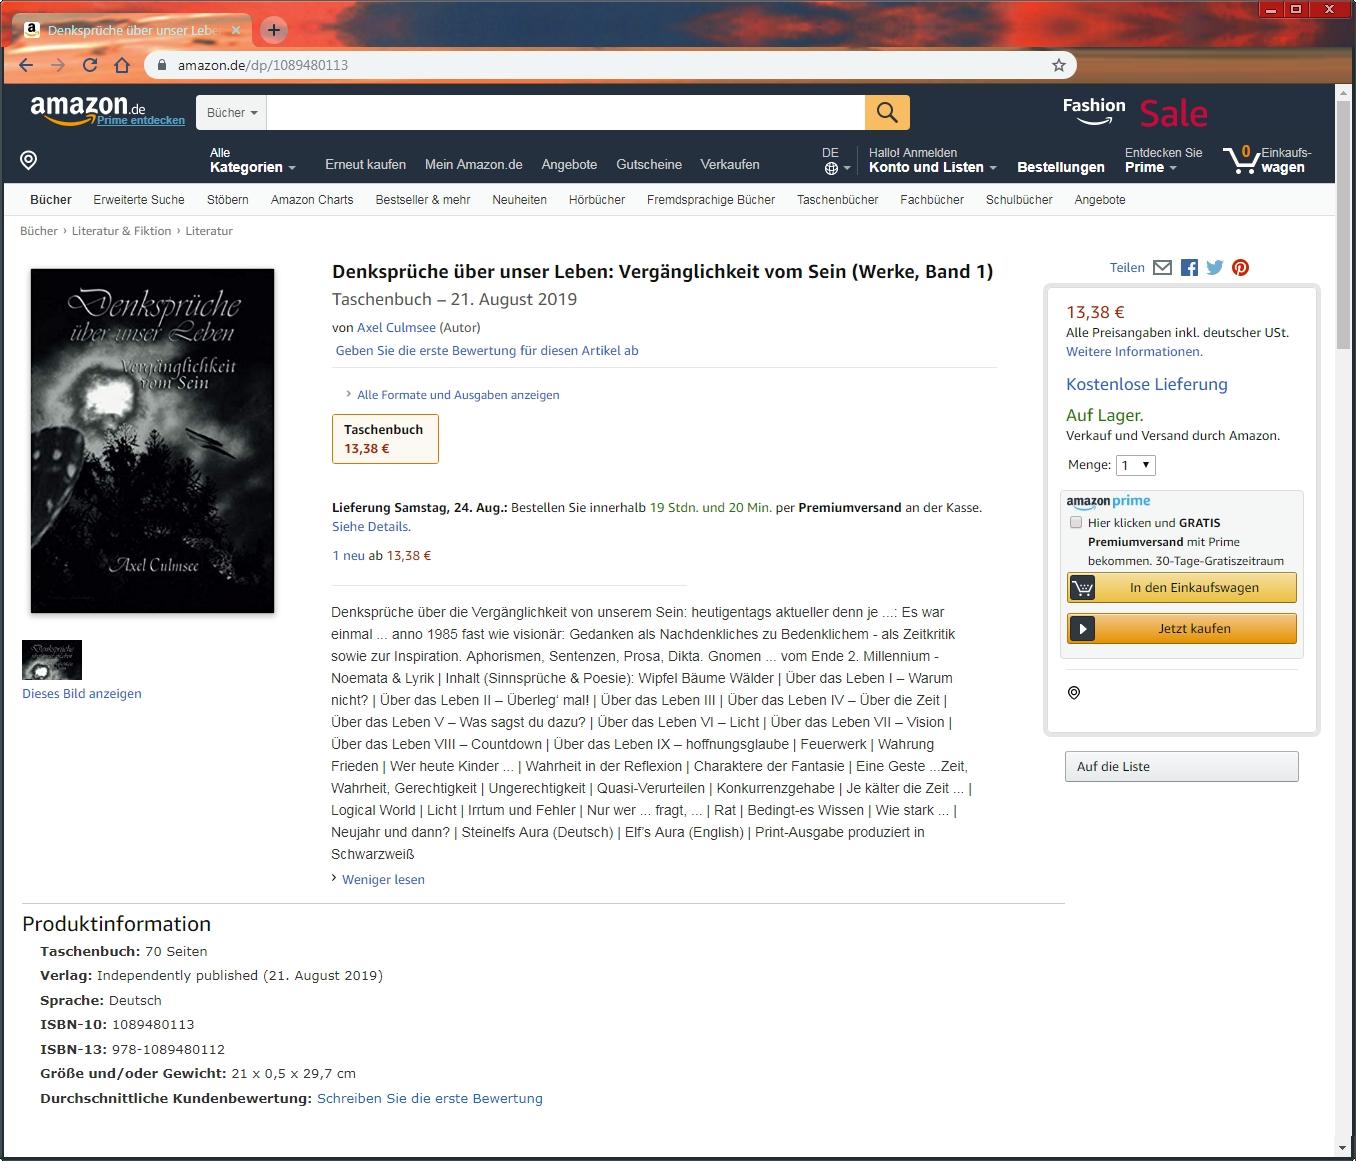 Amazon Buch von Axel Culmsee Denksprueche ueber unser Leben Vergaenglichkeit vom Sein